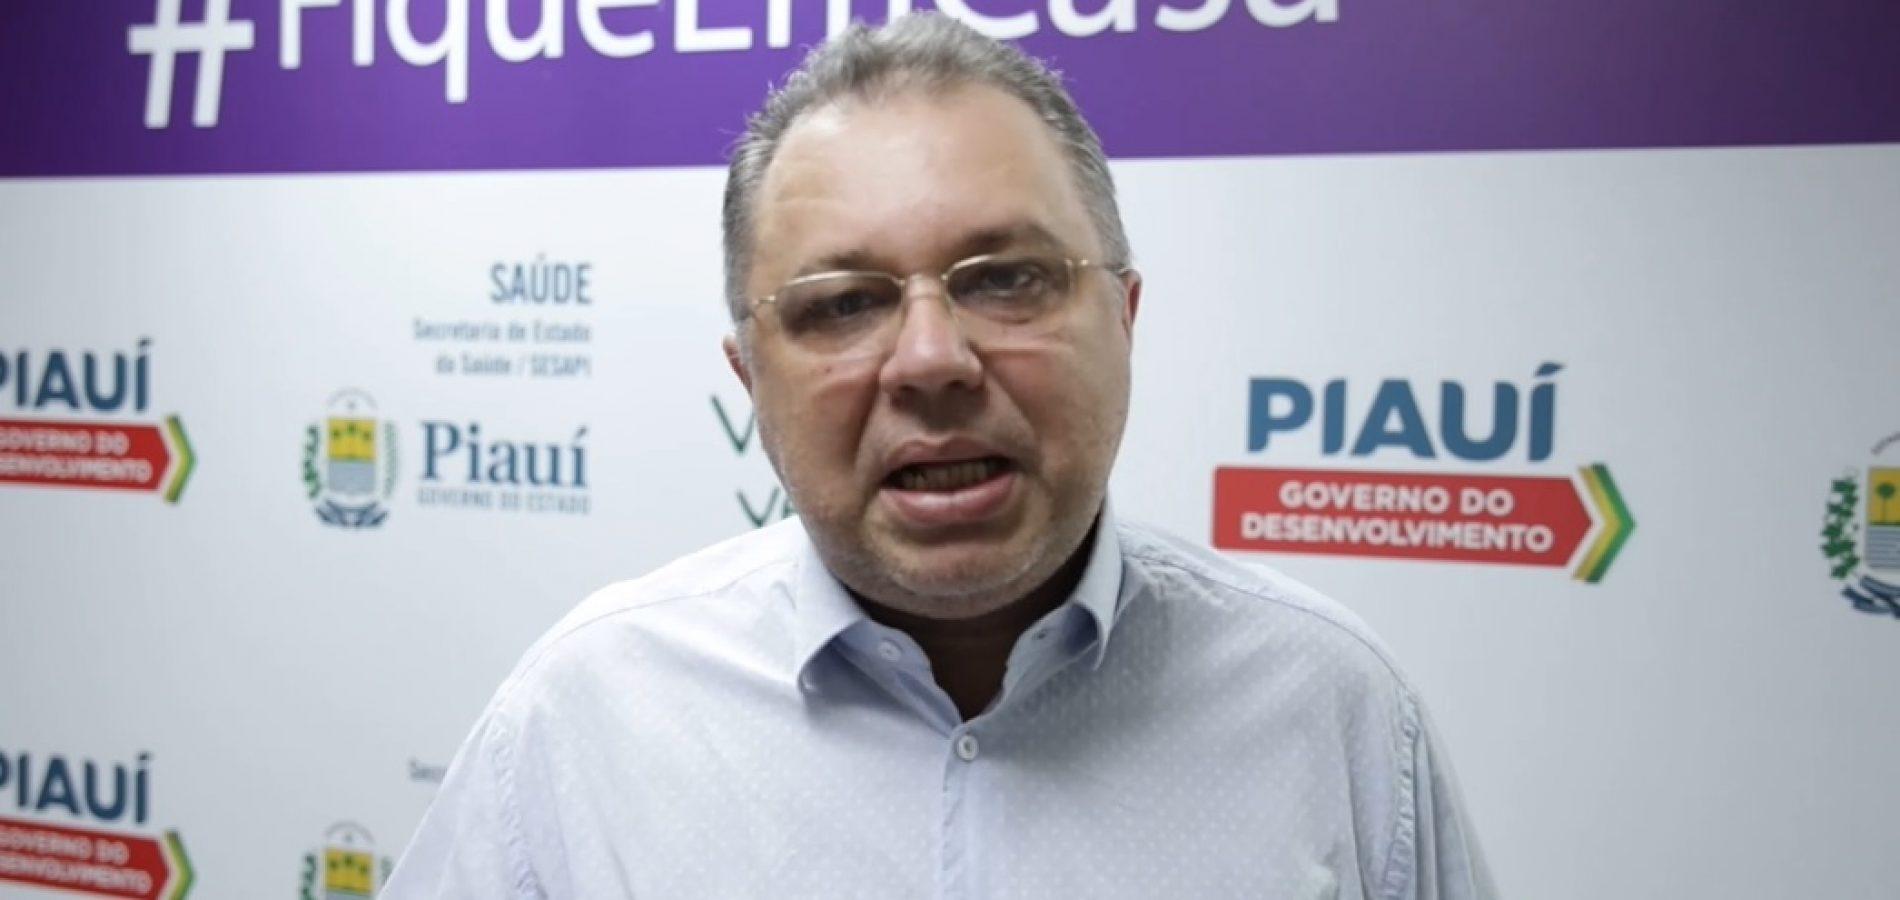 Florentino diz que eleições alavancam casos de covid-19 no Piauí